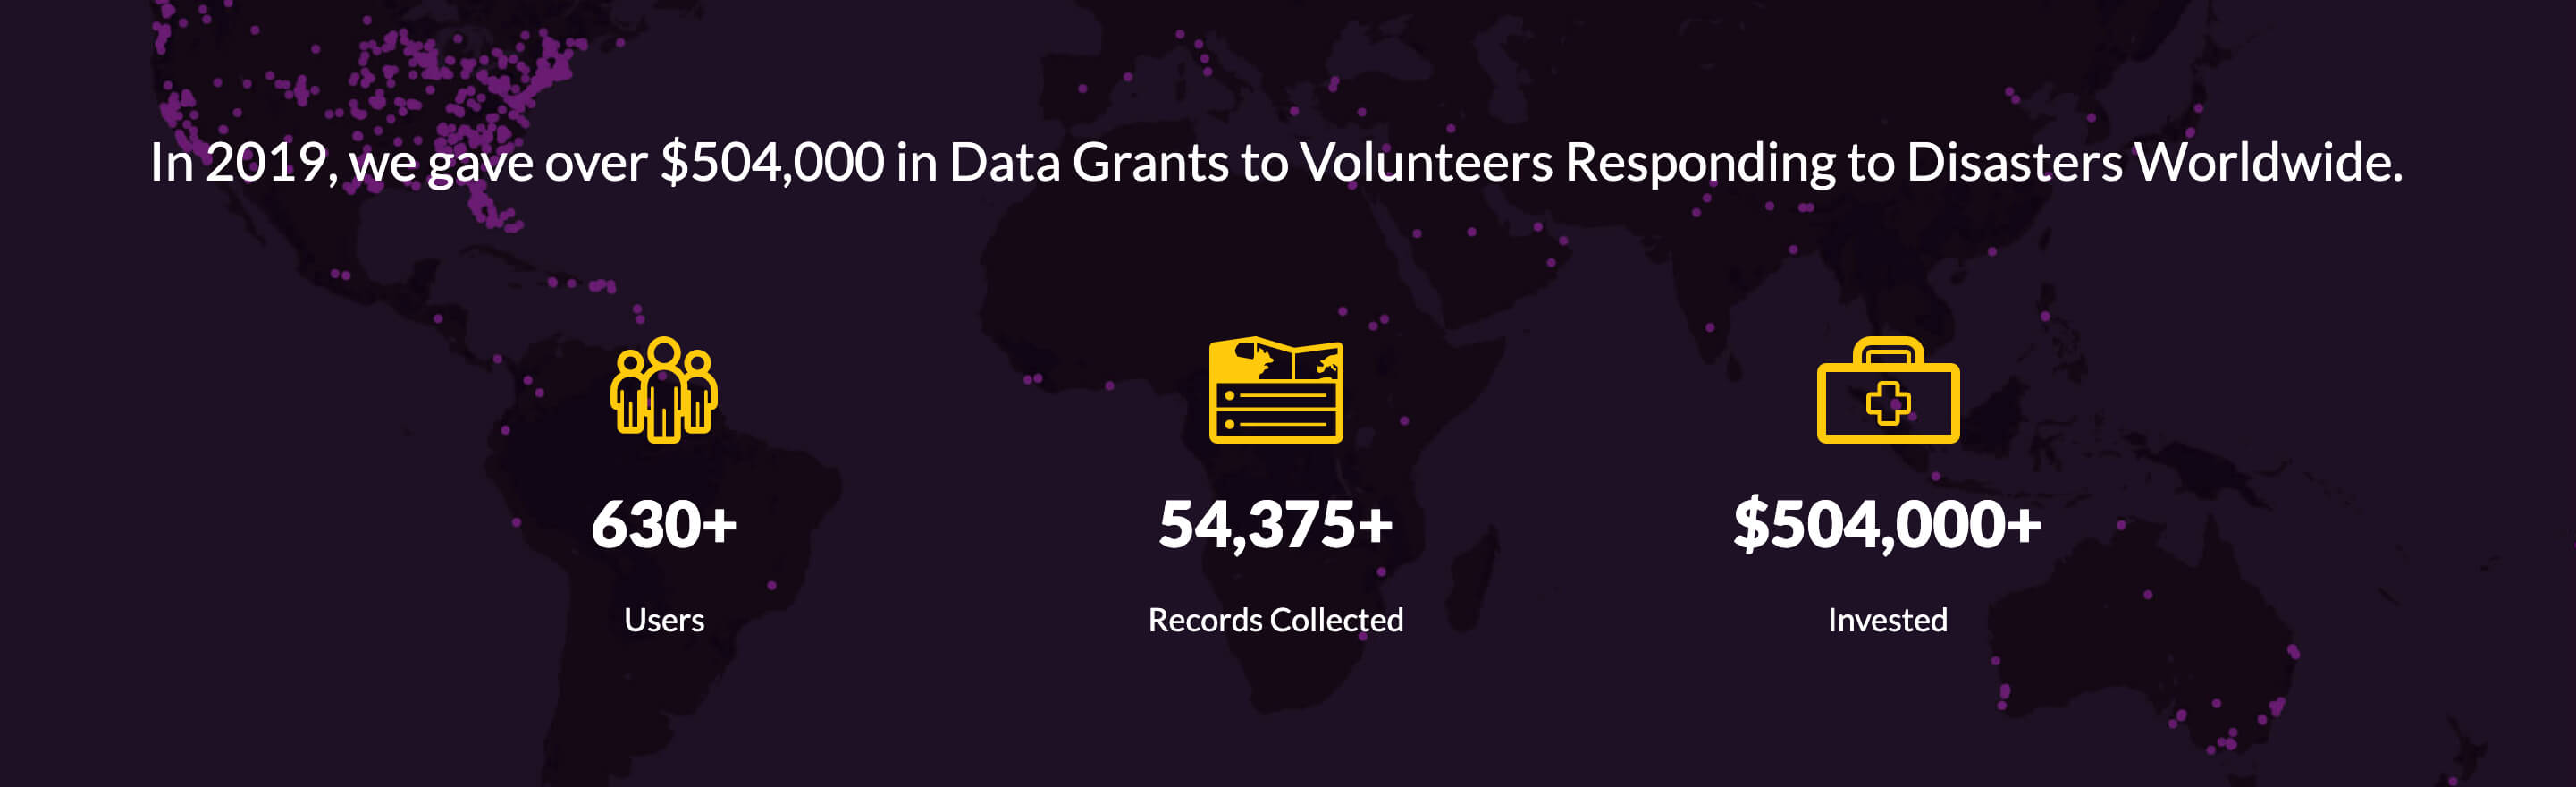 Fulcrum Community Impact 2019